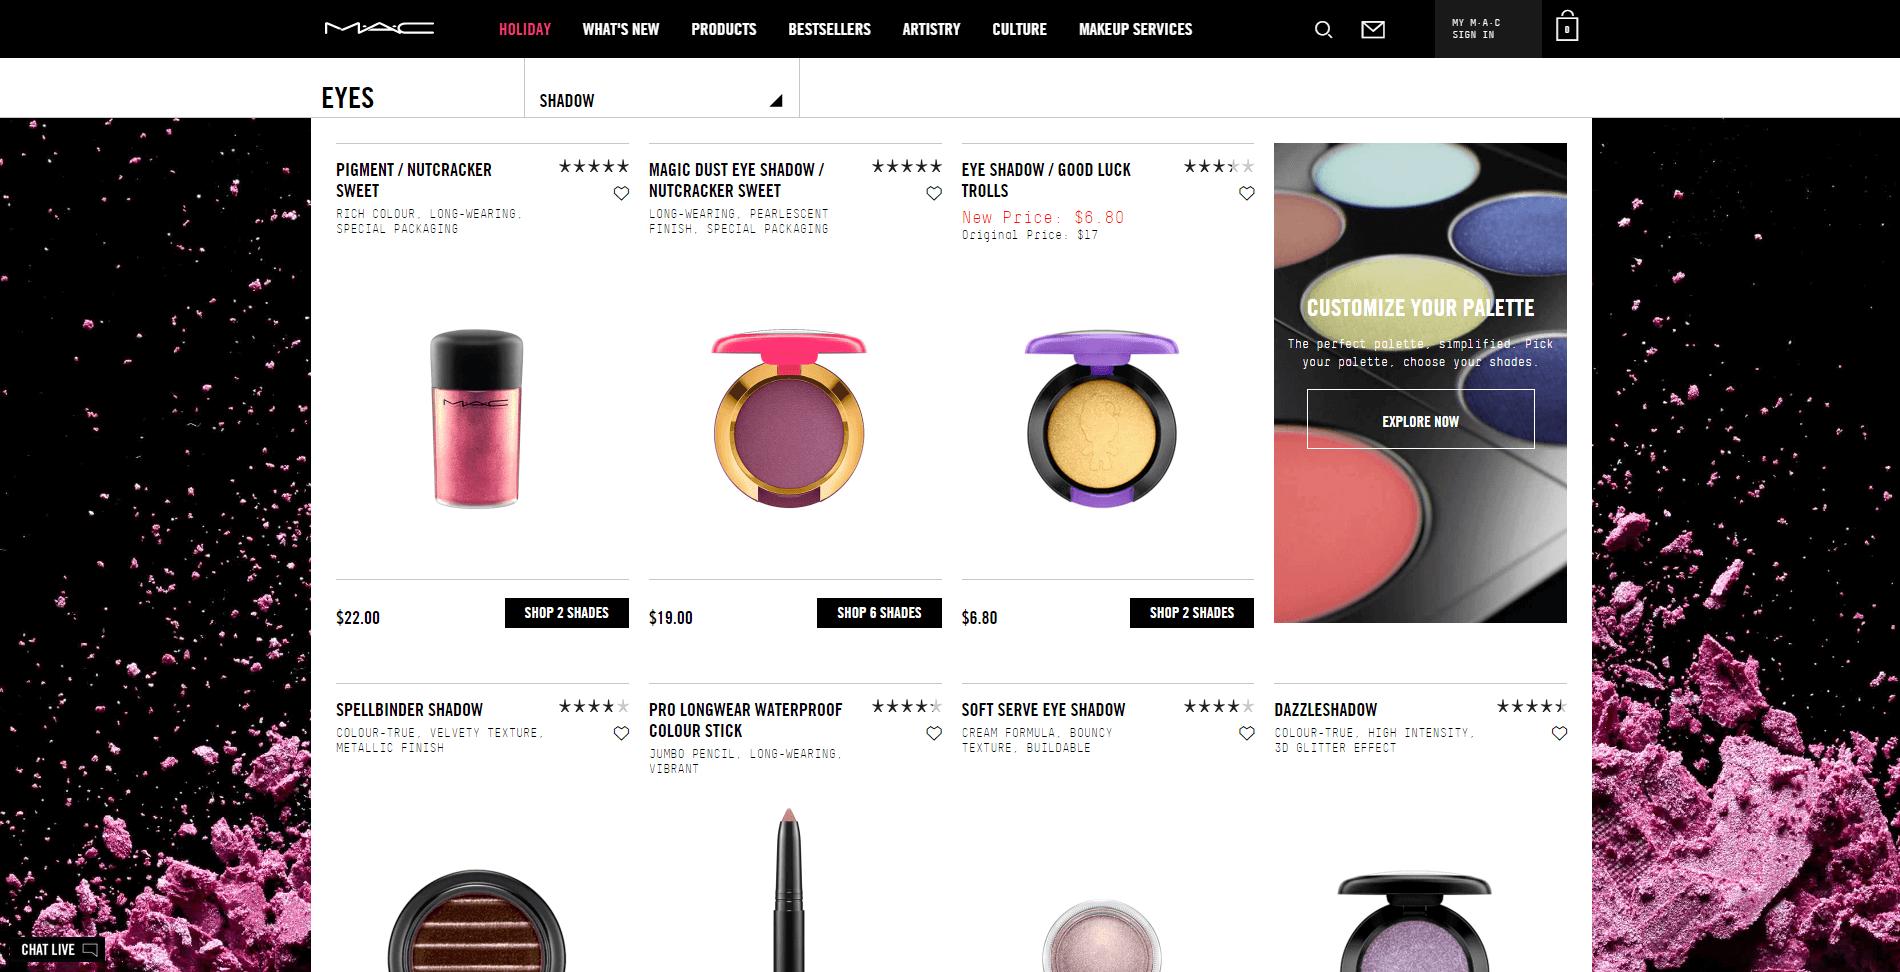 Skin care websites